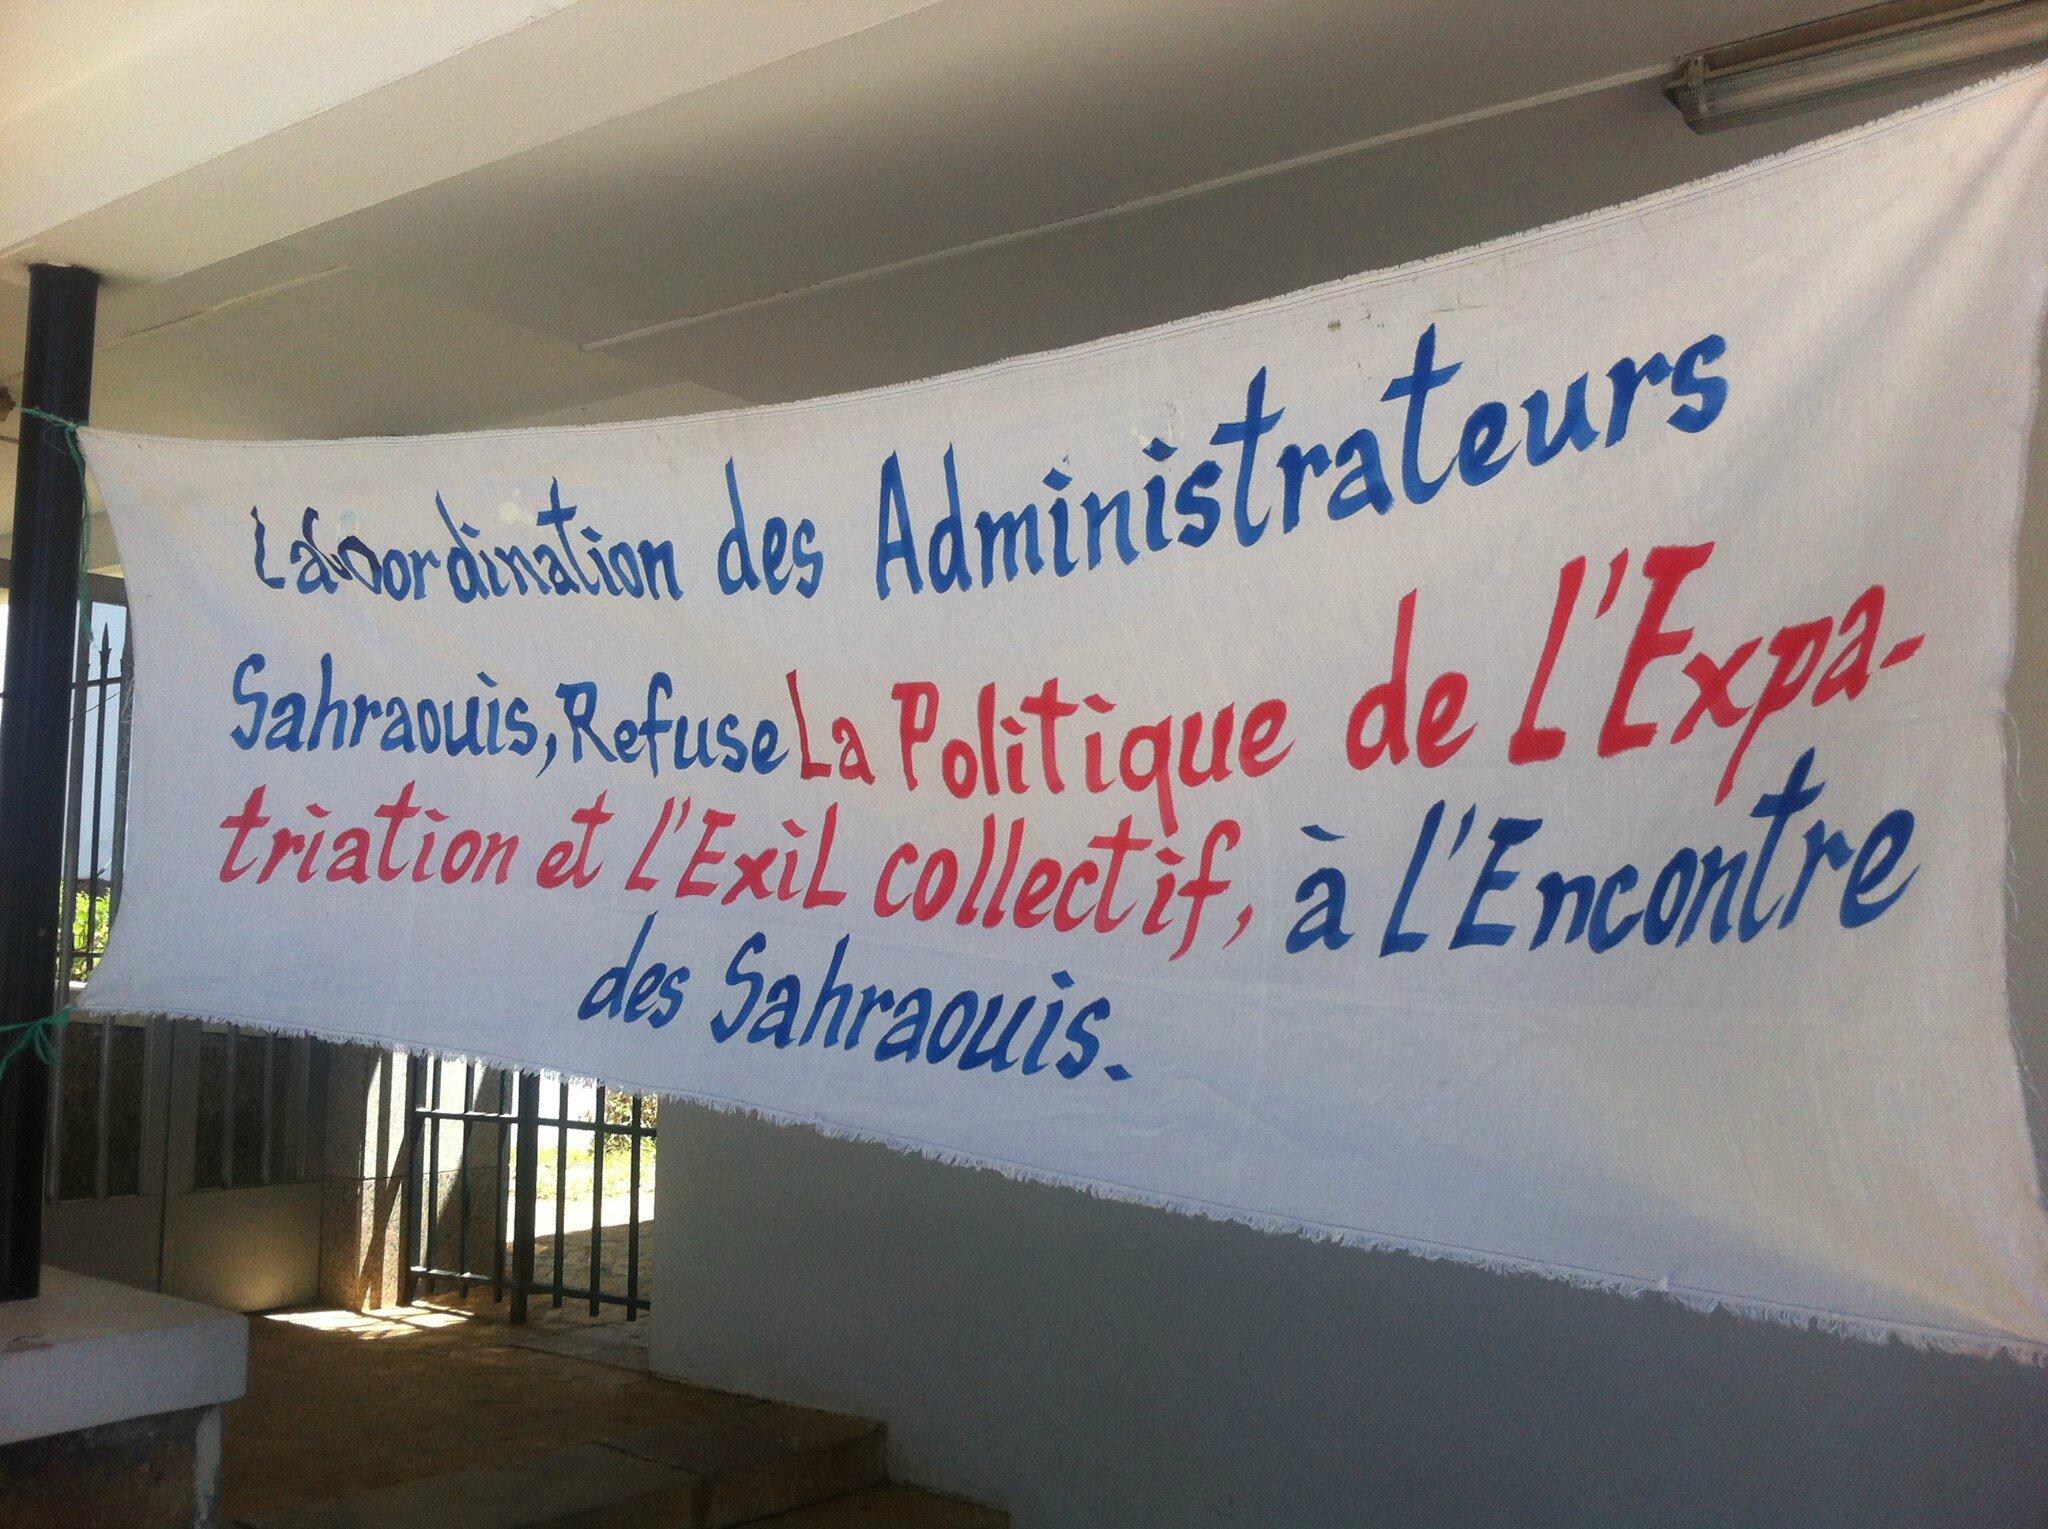 Sit in de la coordination des administrateurs sahraouis for Le ministere de l interieur